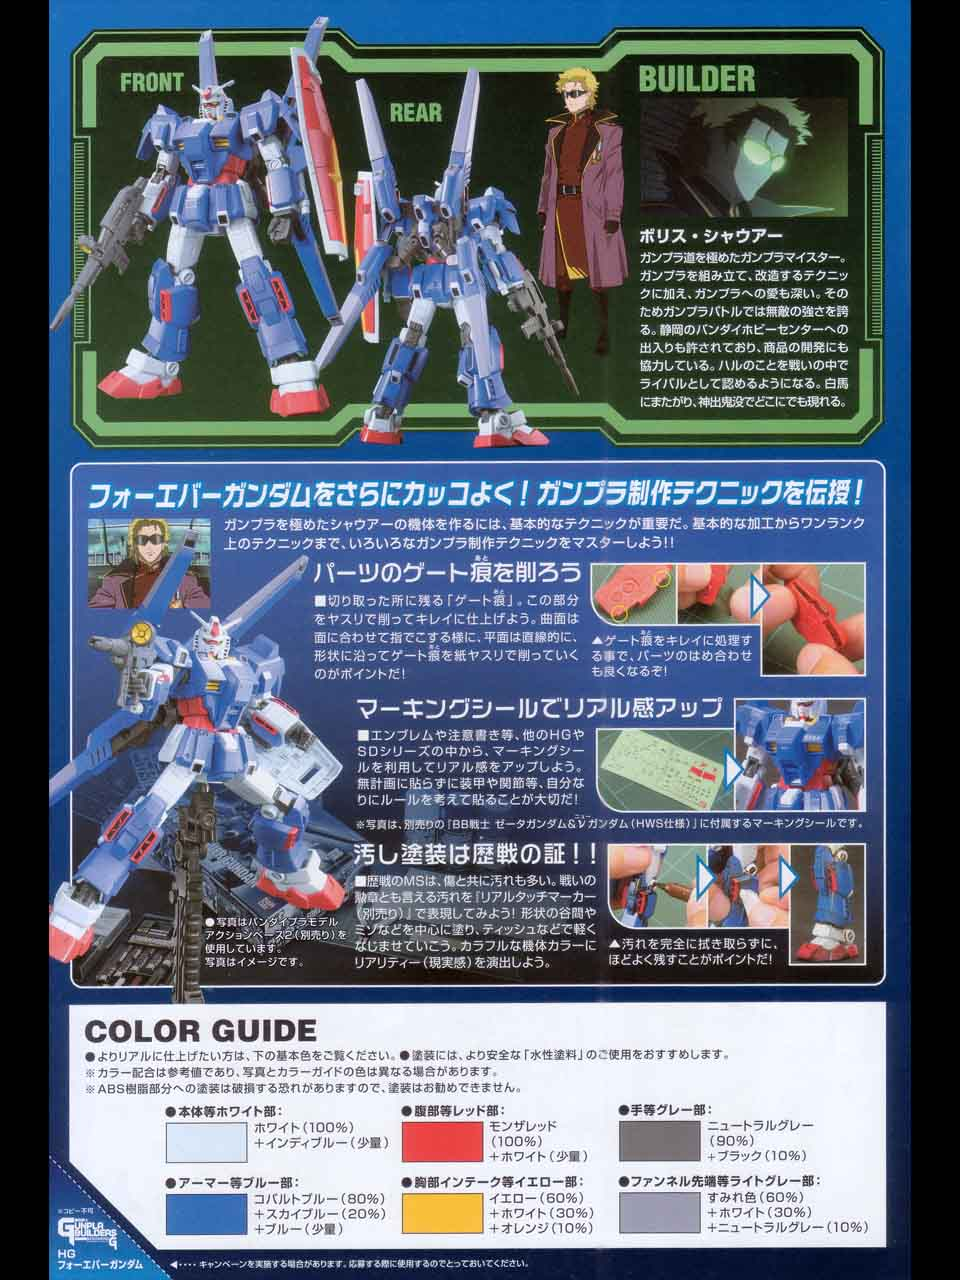 HG_Forever_Gundam_11.jpg